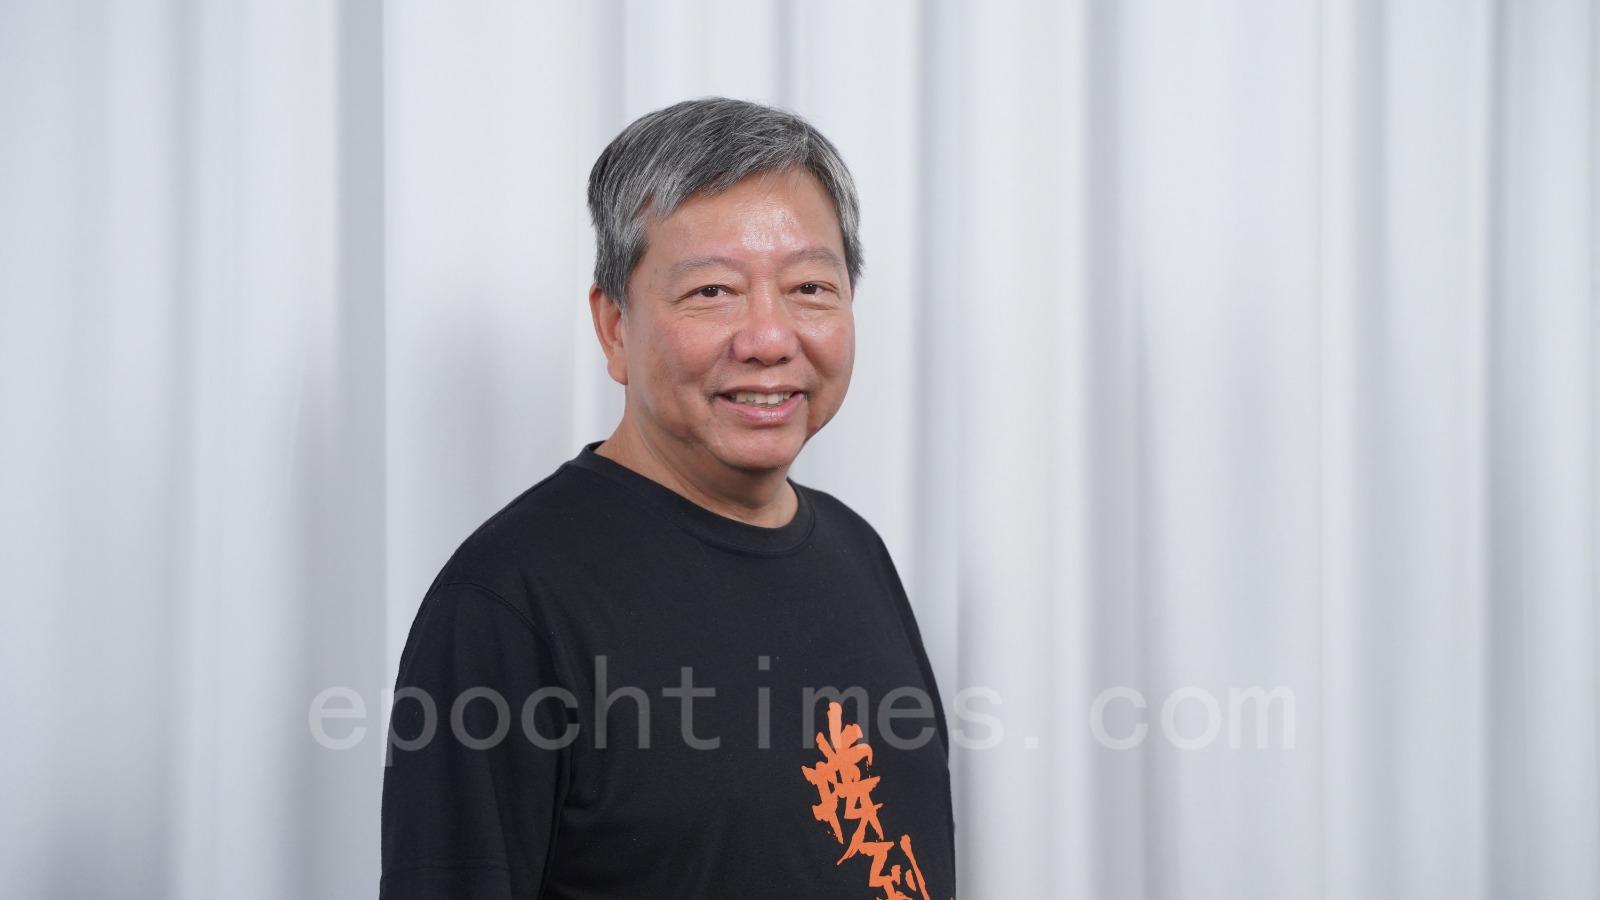 香港支聯會主席李卓人,祝賀法輪功創始人李洪志先生中秋快樂。(余鋼/大紀元)